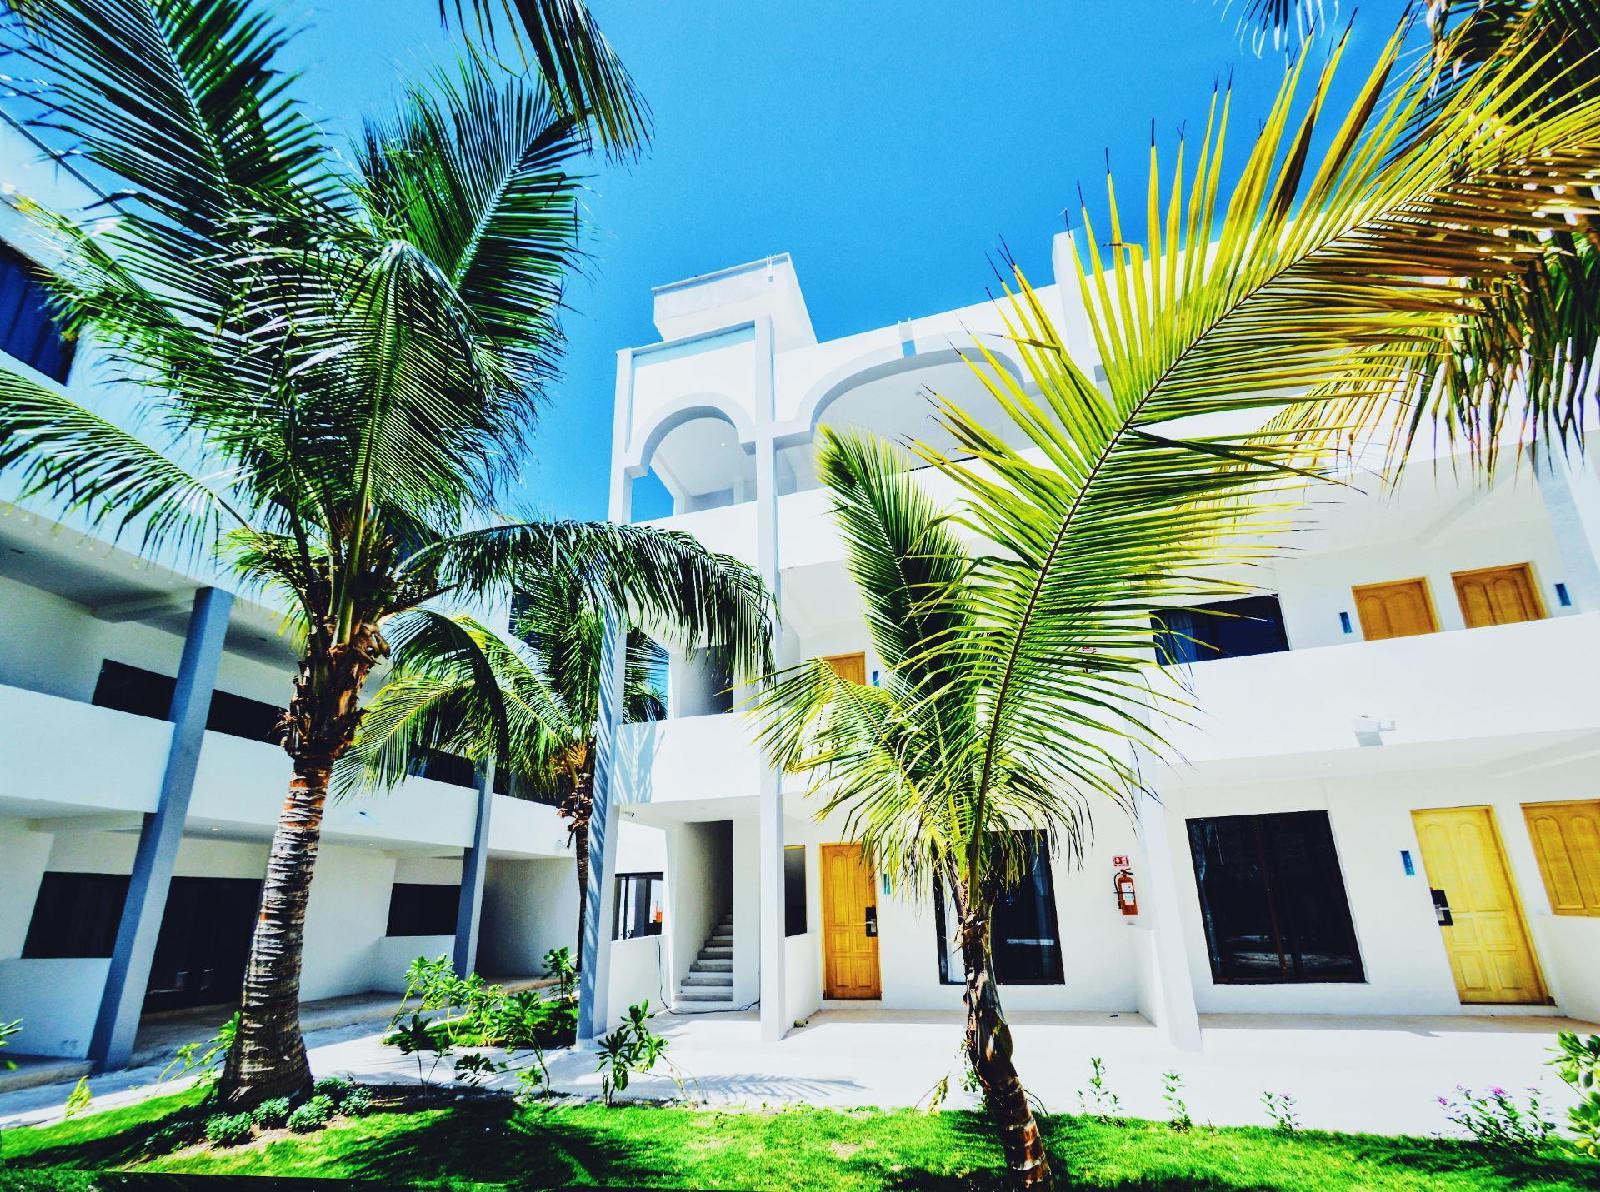 Ofertas de viagens puerto morelos desde 1 064 for Hotel cielo mar ofertas familiares